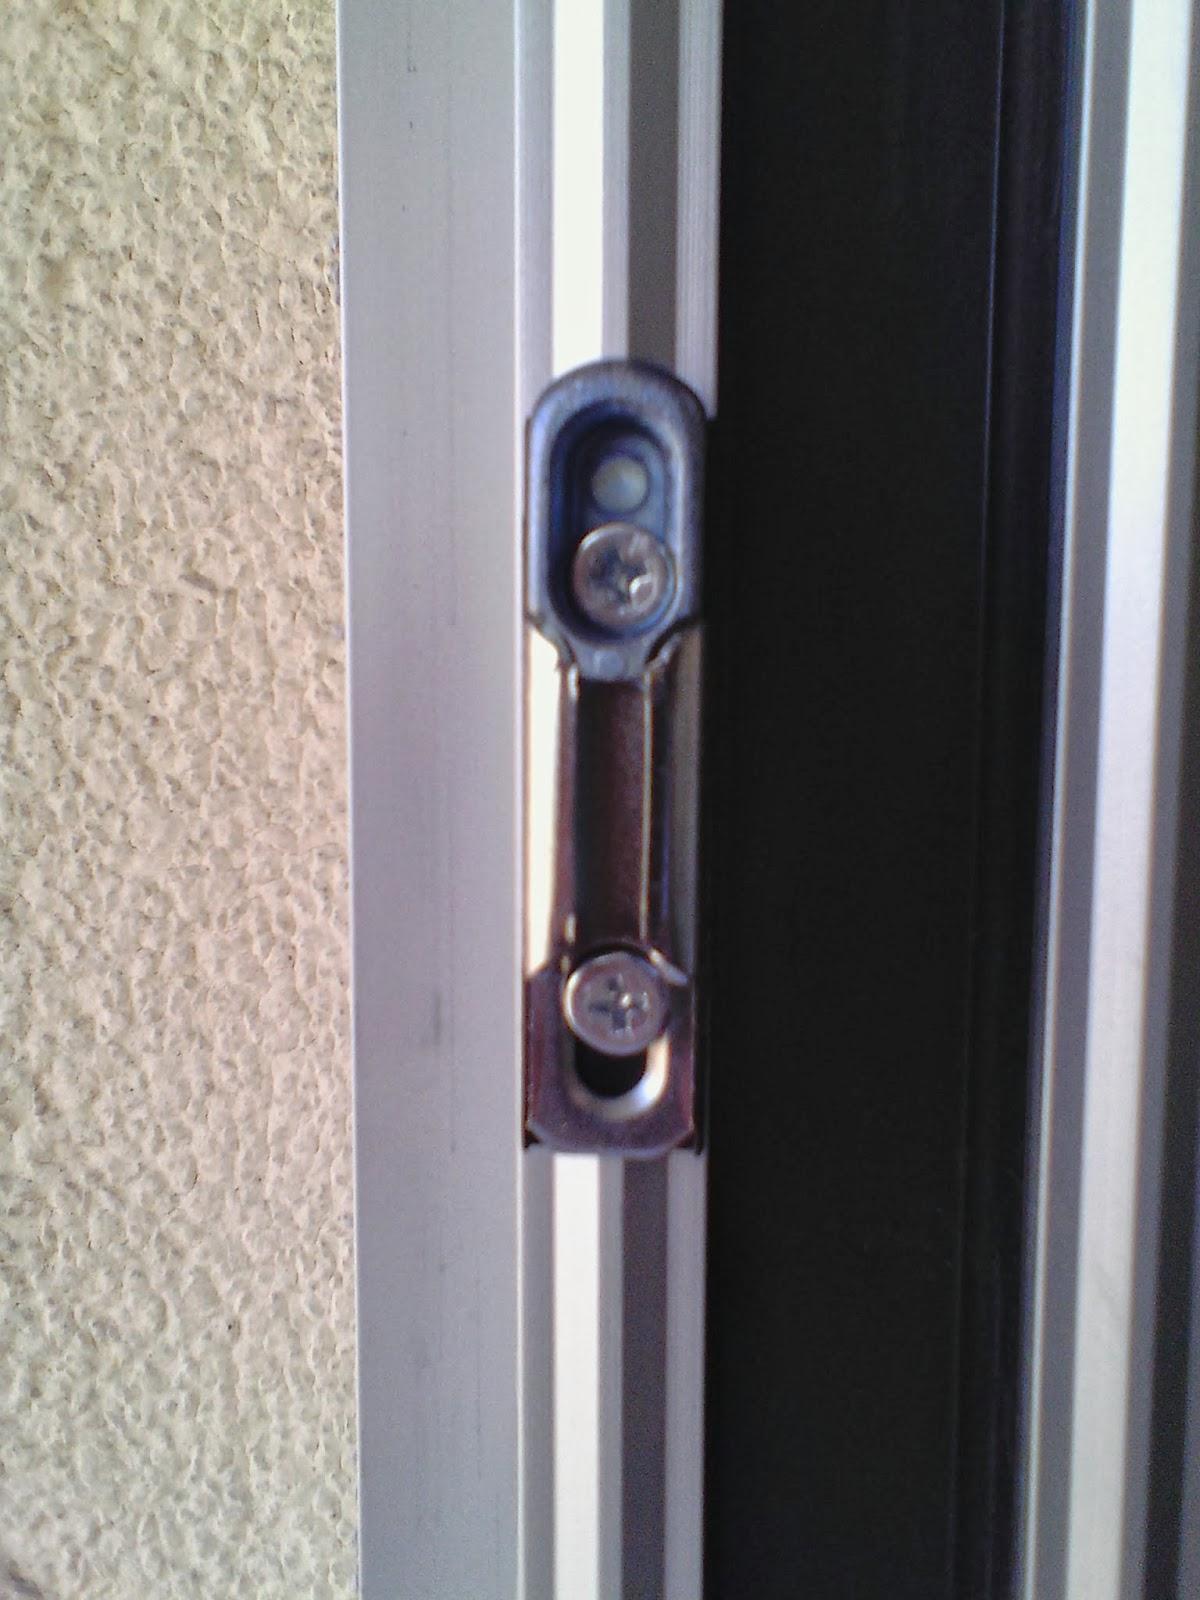 Cierres de seguridad para ventanas el cierre de seguridad - Cierres de seguridad ...